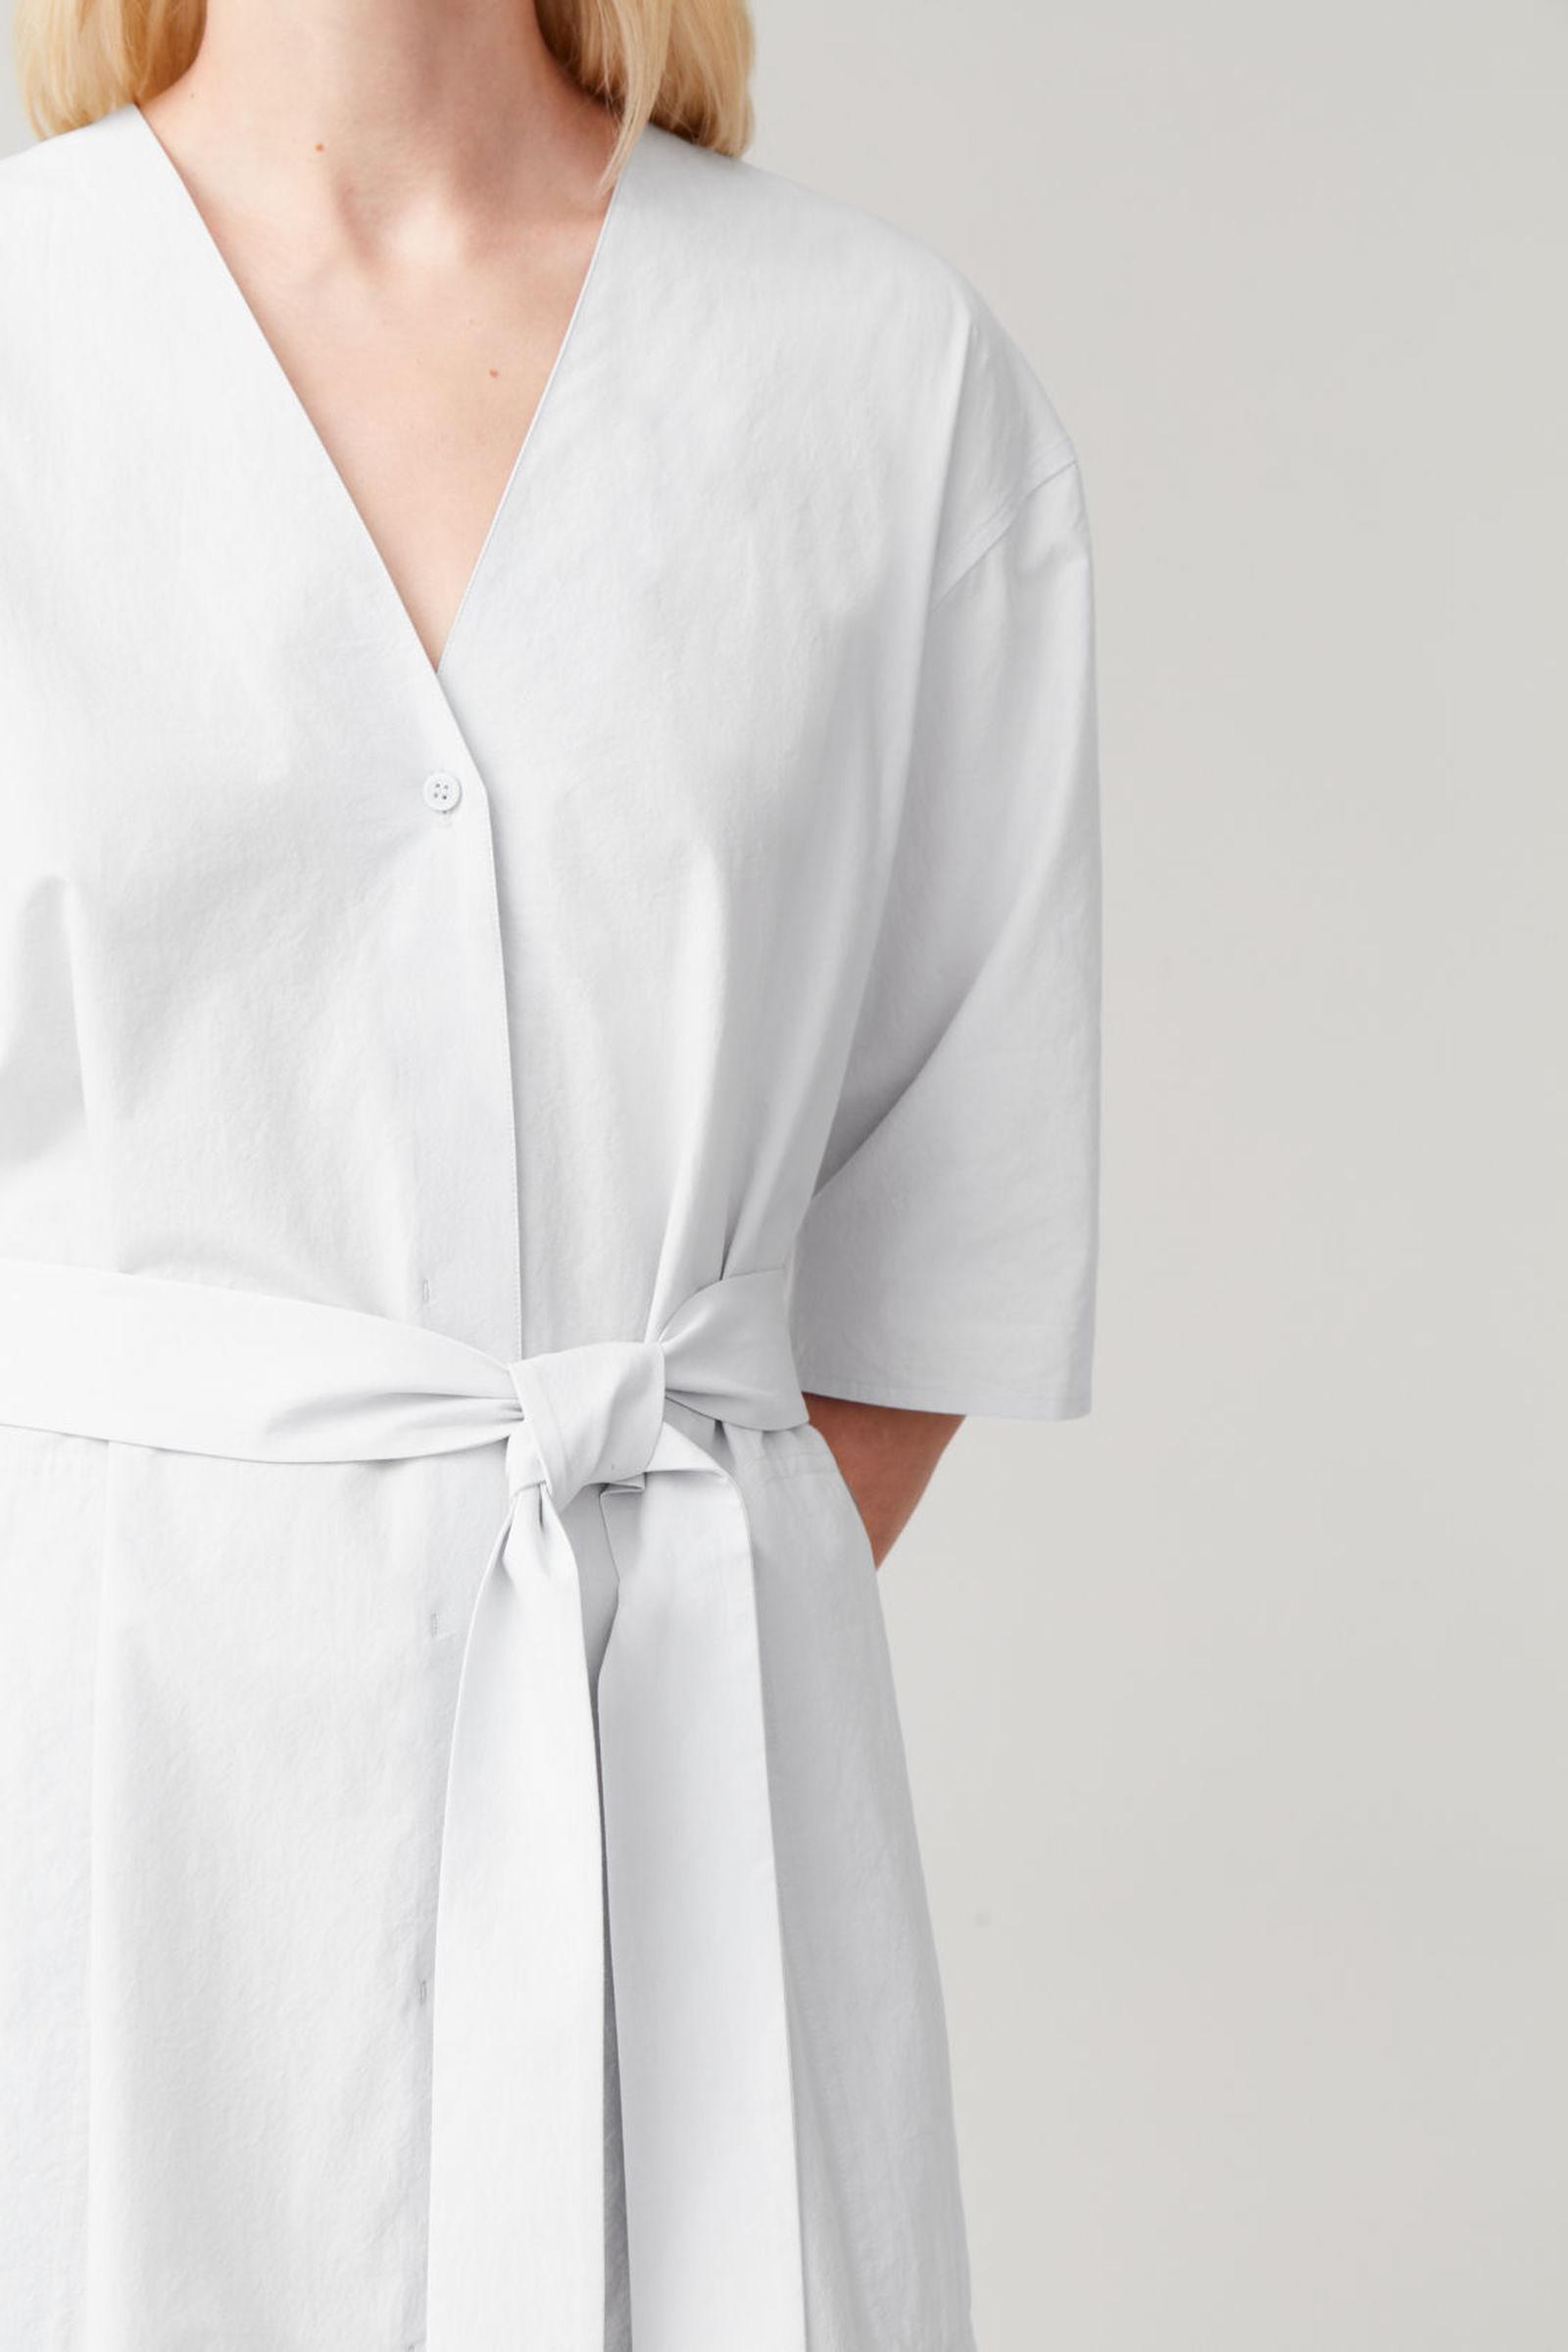 COS 벨티드 코튼 셔츠 드레스의 라이트 그레이컬러 ECOMLook입니다.